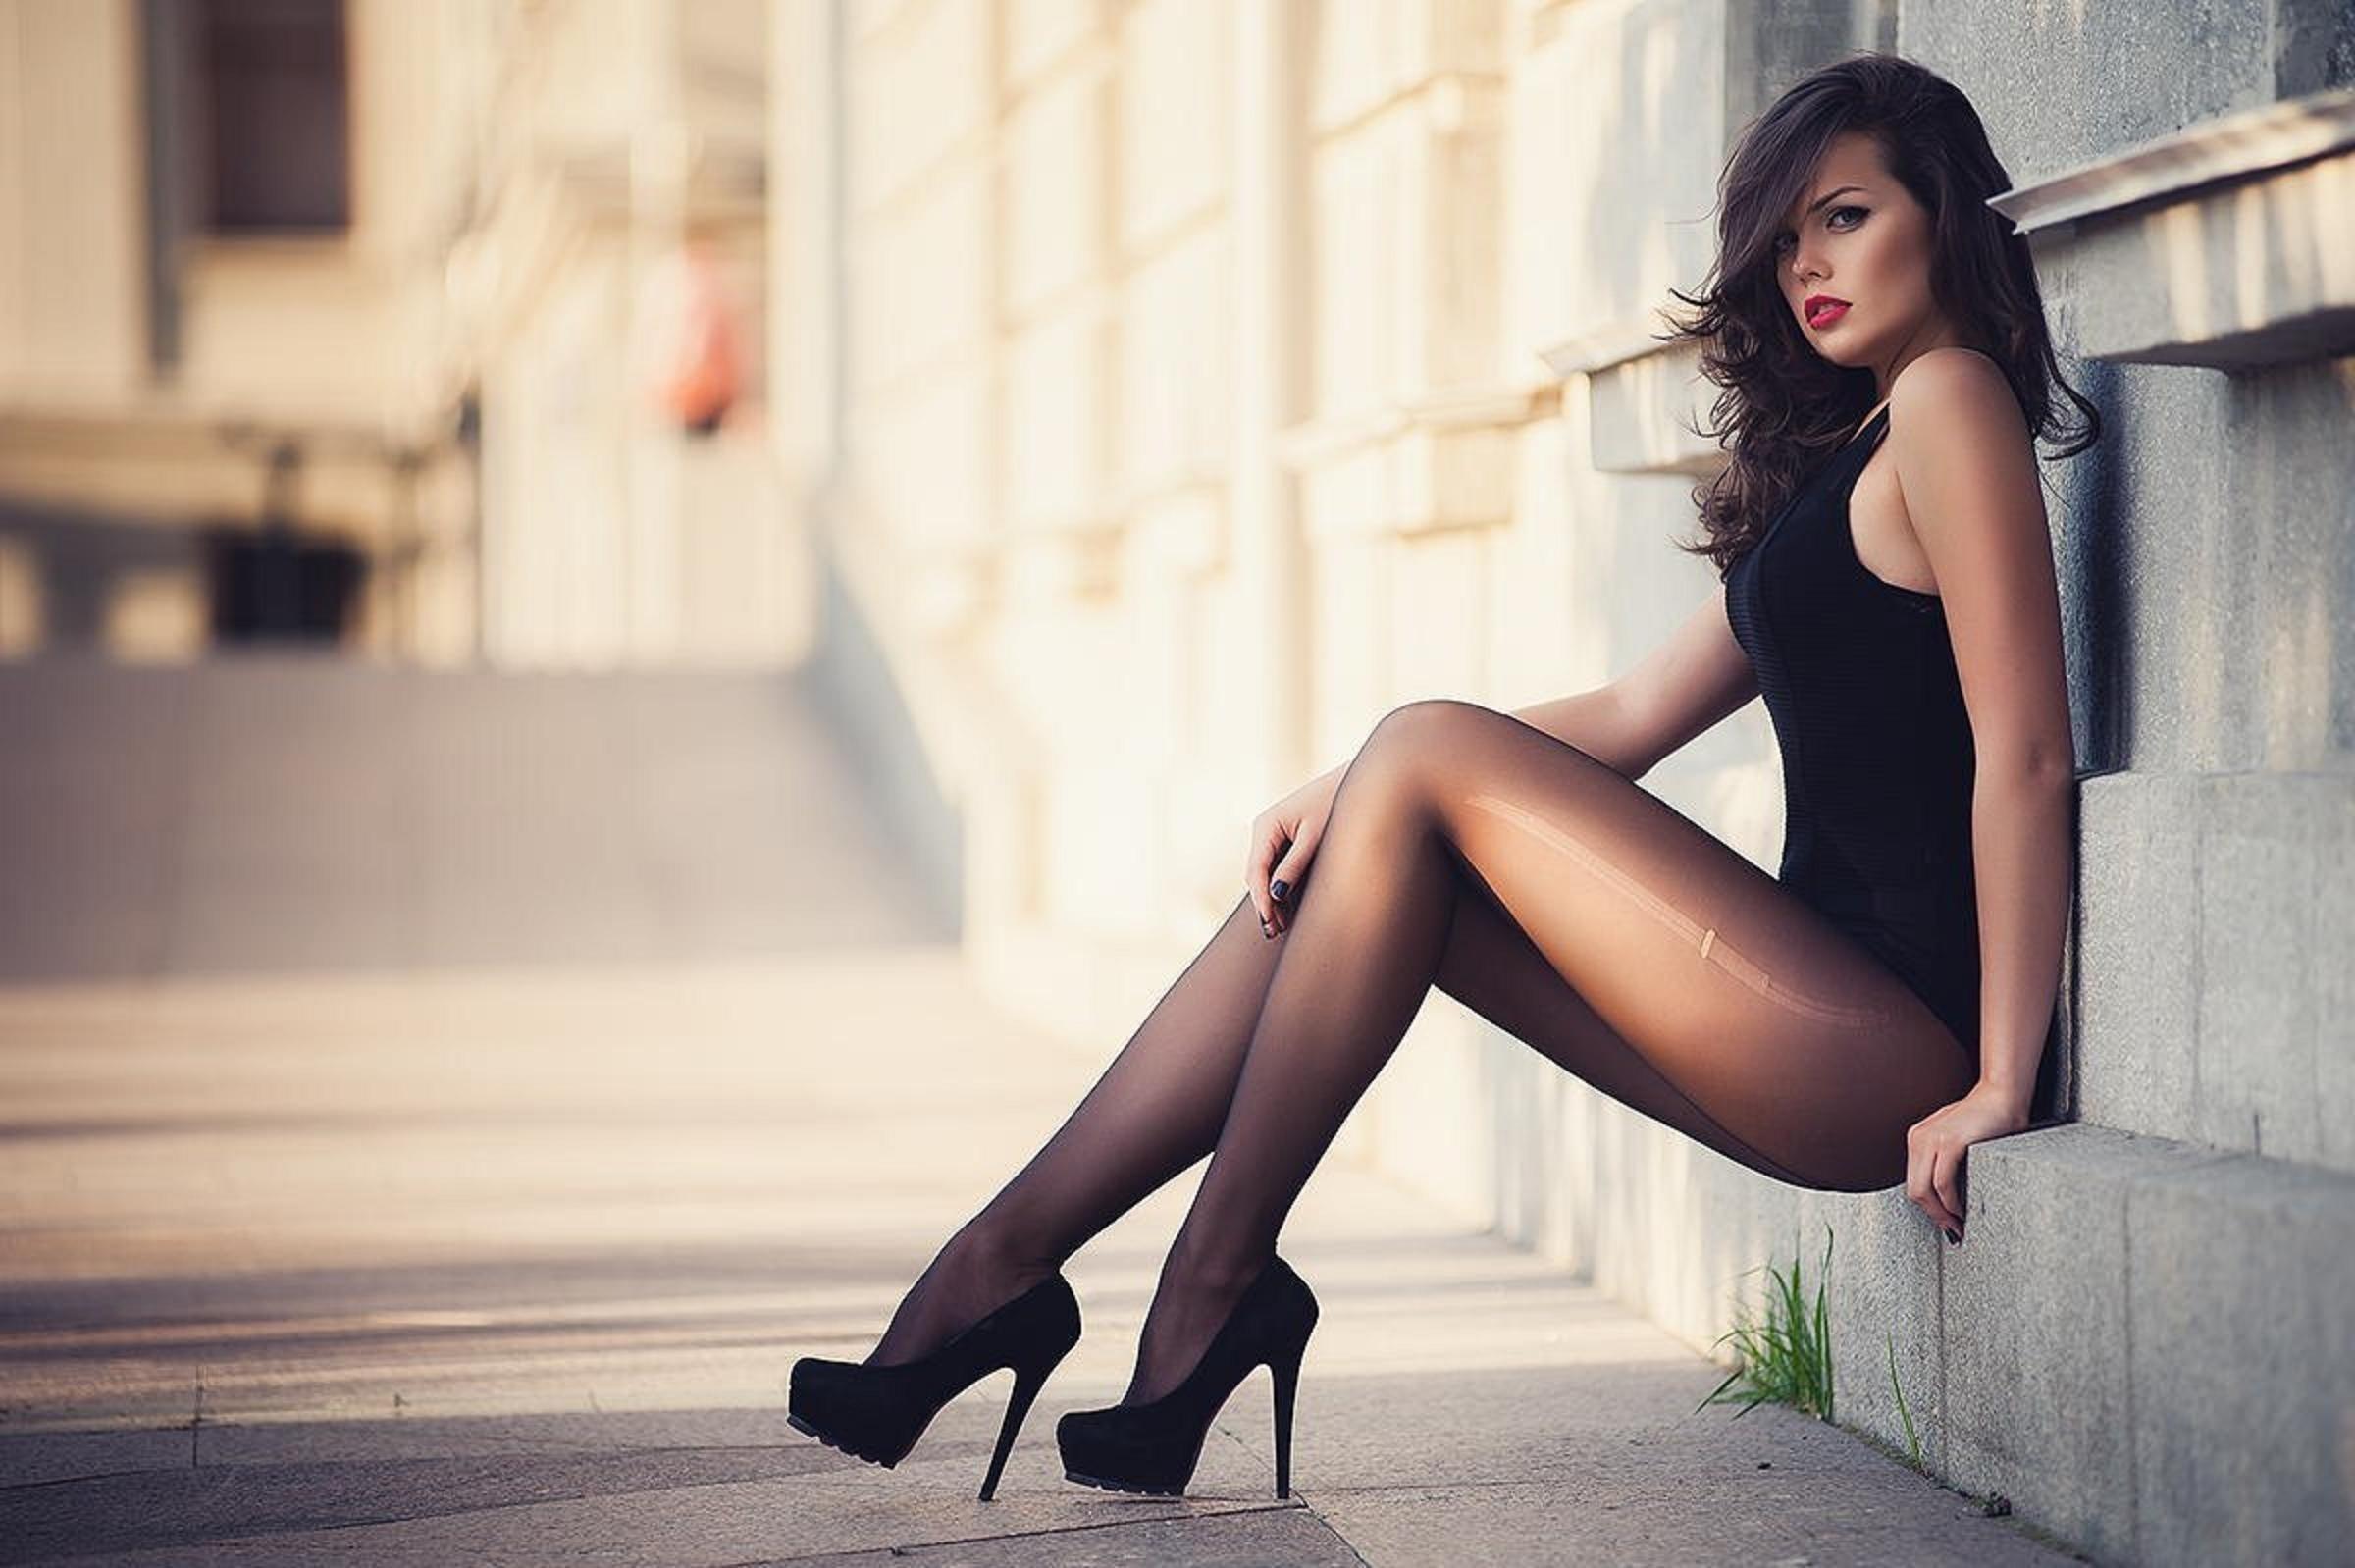 Самые красивые женские ножки в чулках и туфлях 11 фотография